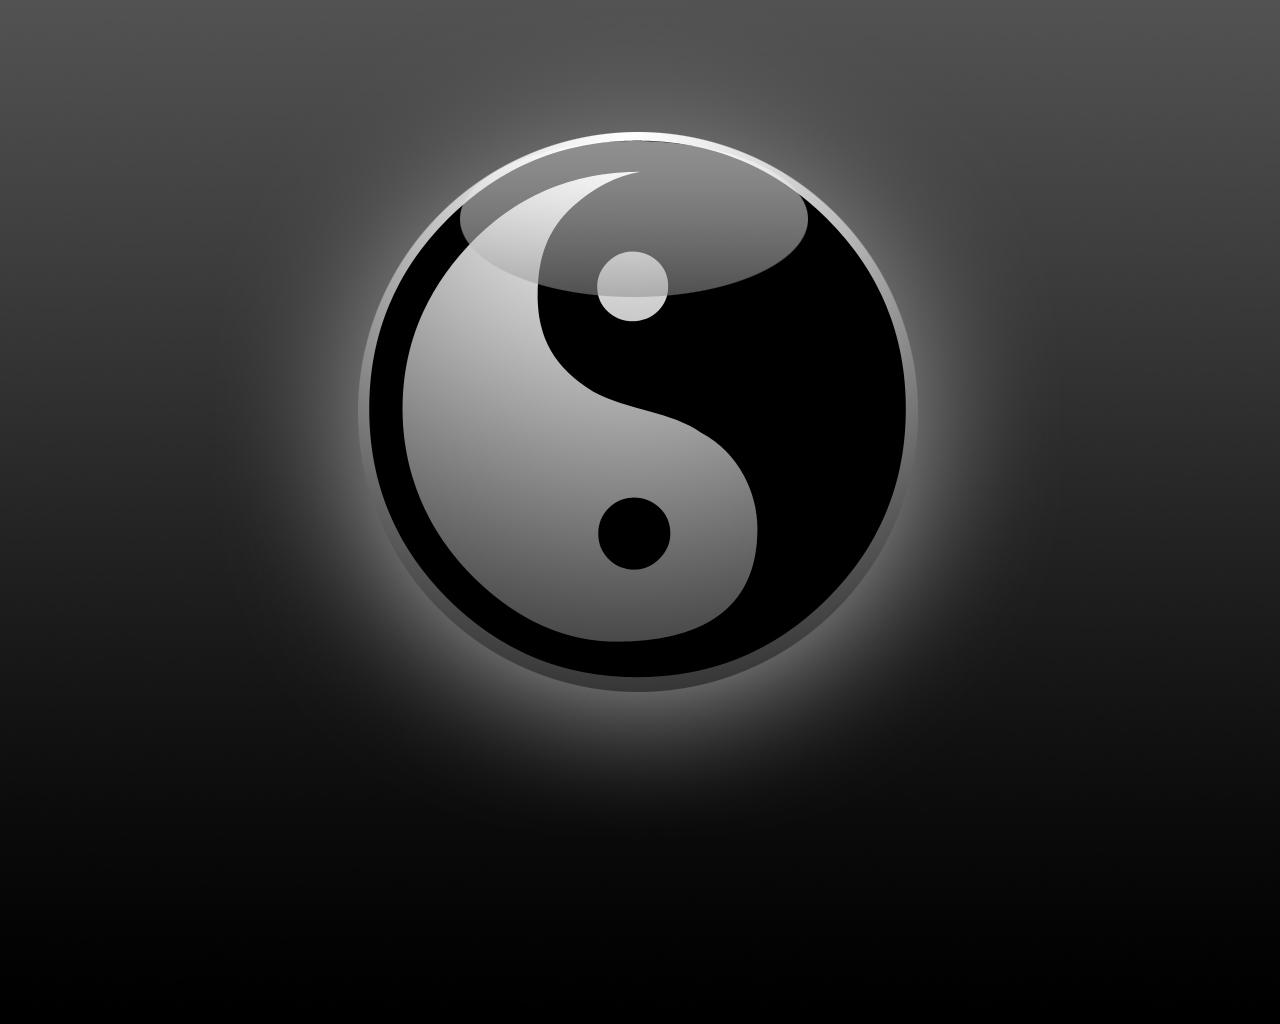 Chinesische Ying Yang Drachen Wallpaper - LiLz.eu - Tattoo DE